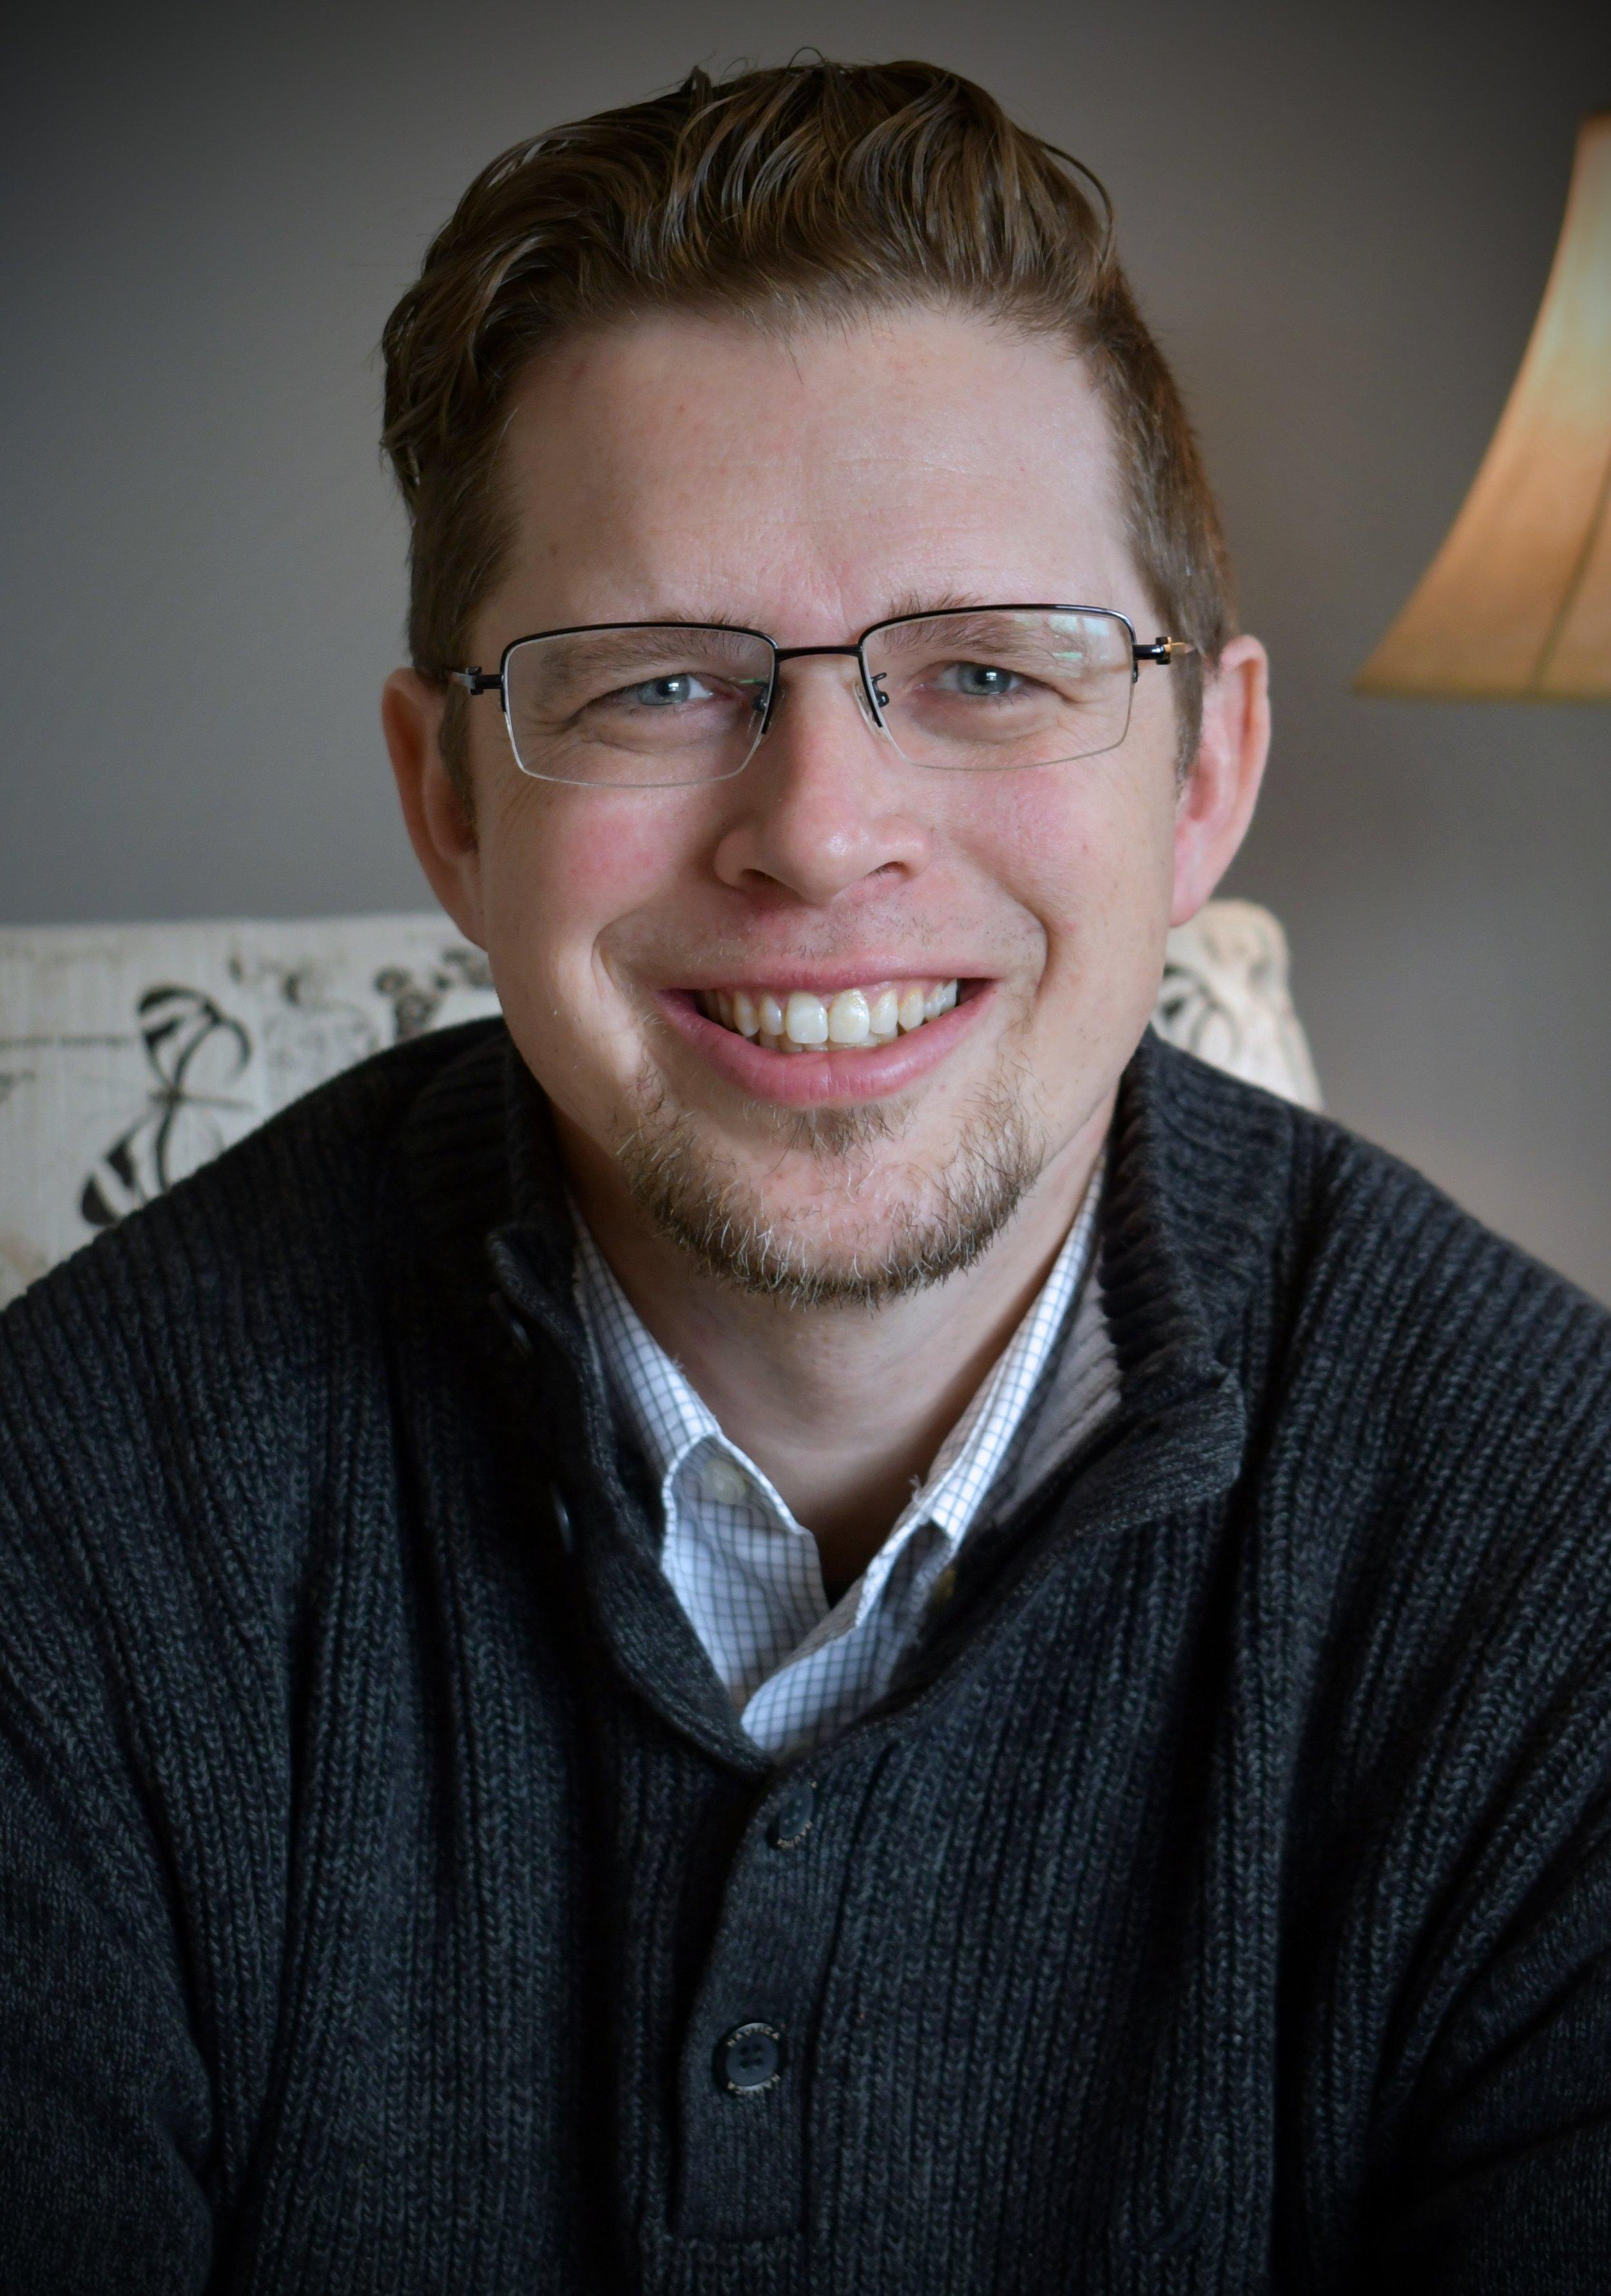 Jonathan McGuire